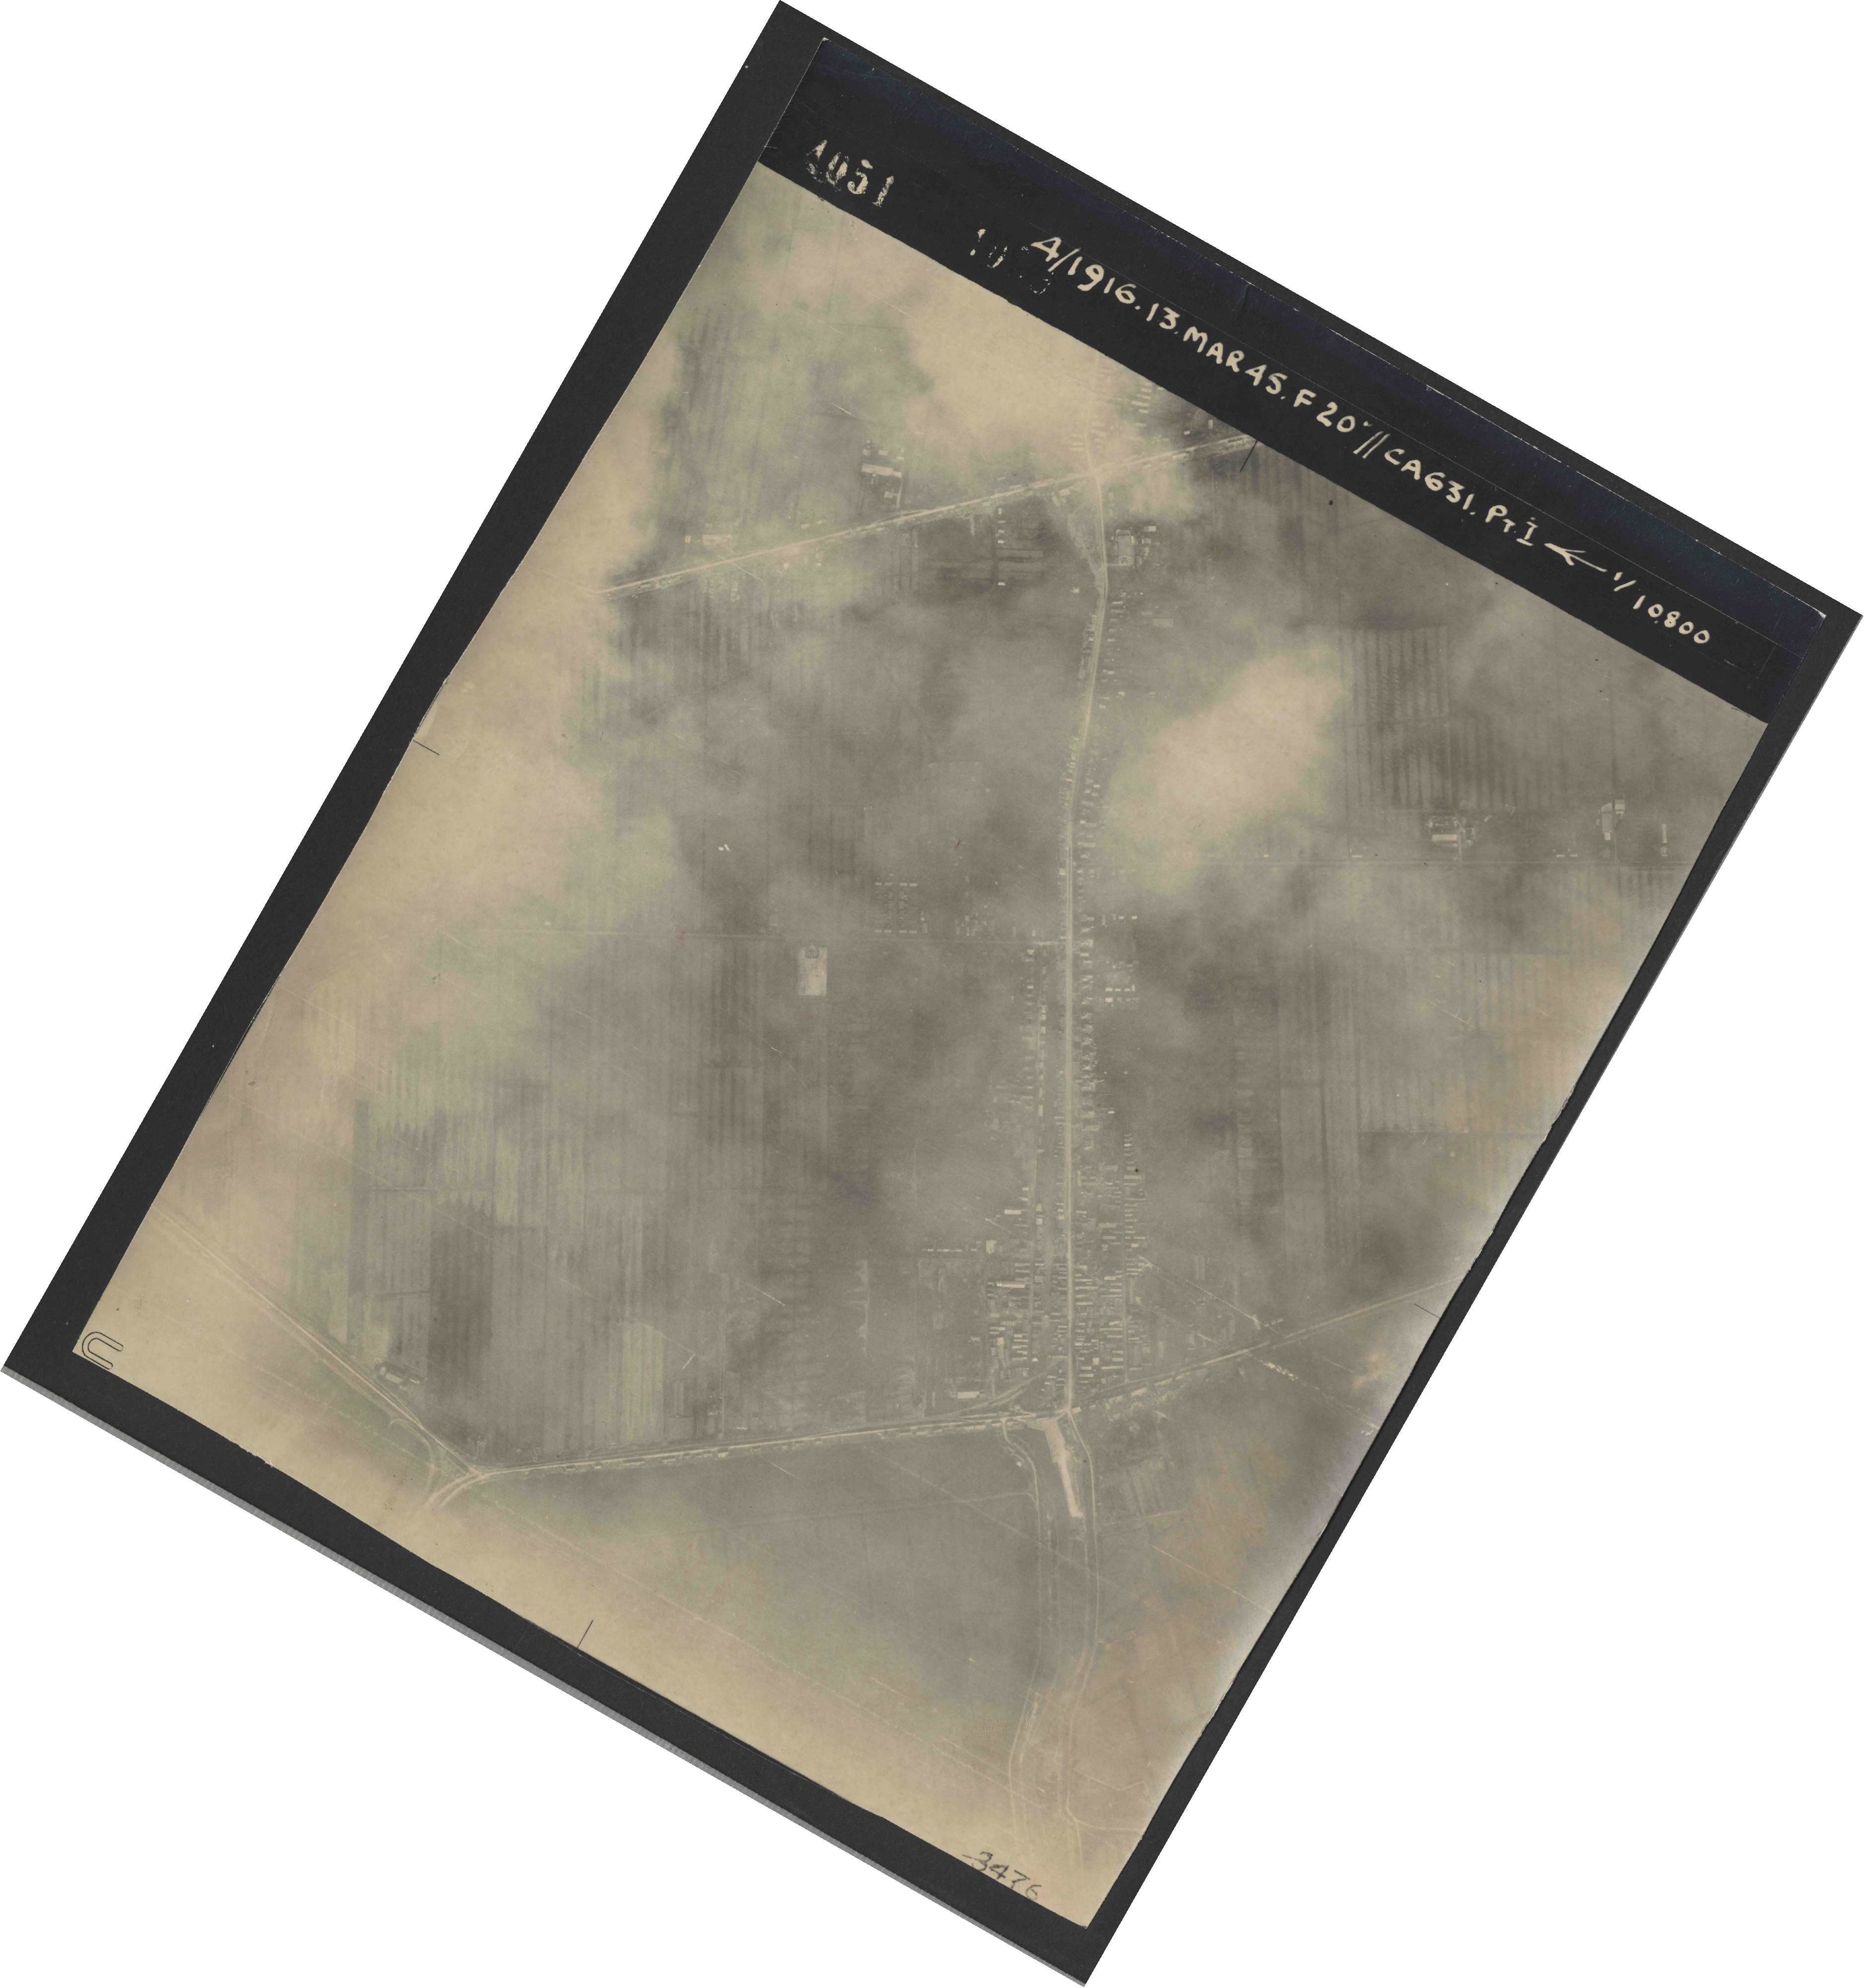 Collection RAF aerial photos 1940-1945 - flight 085, run 02, photo 4051